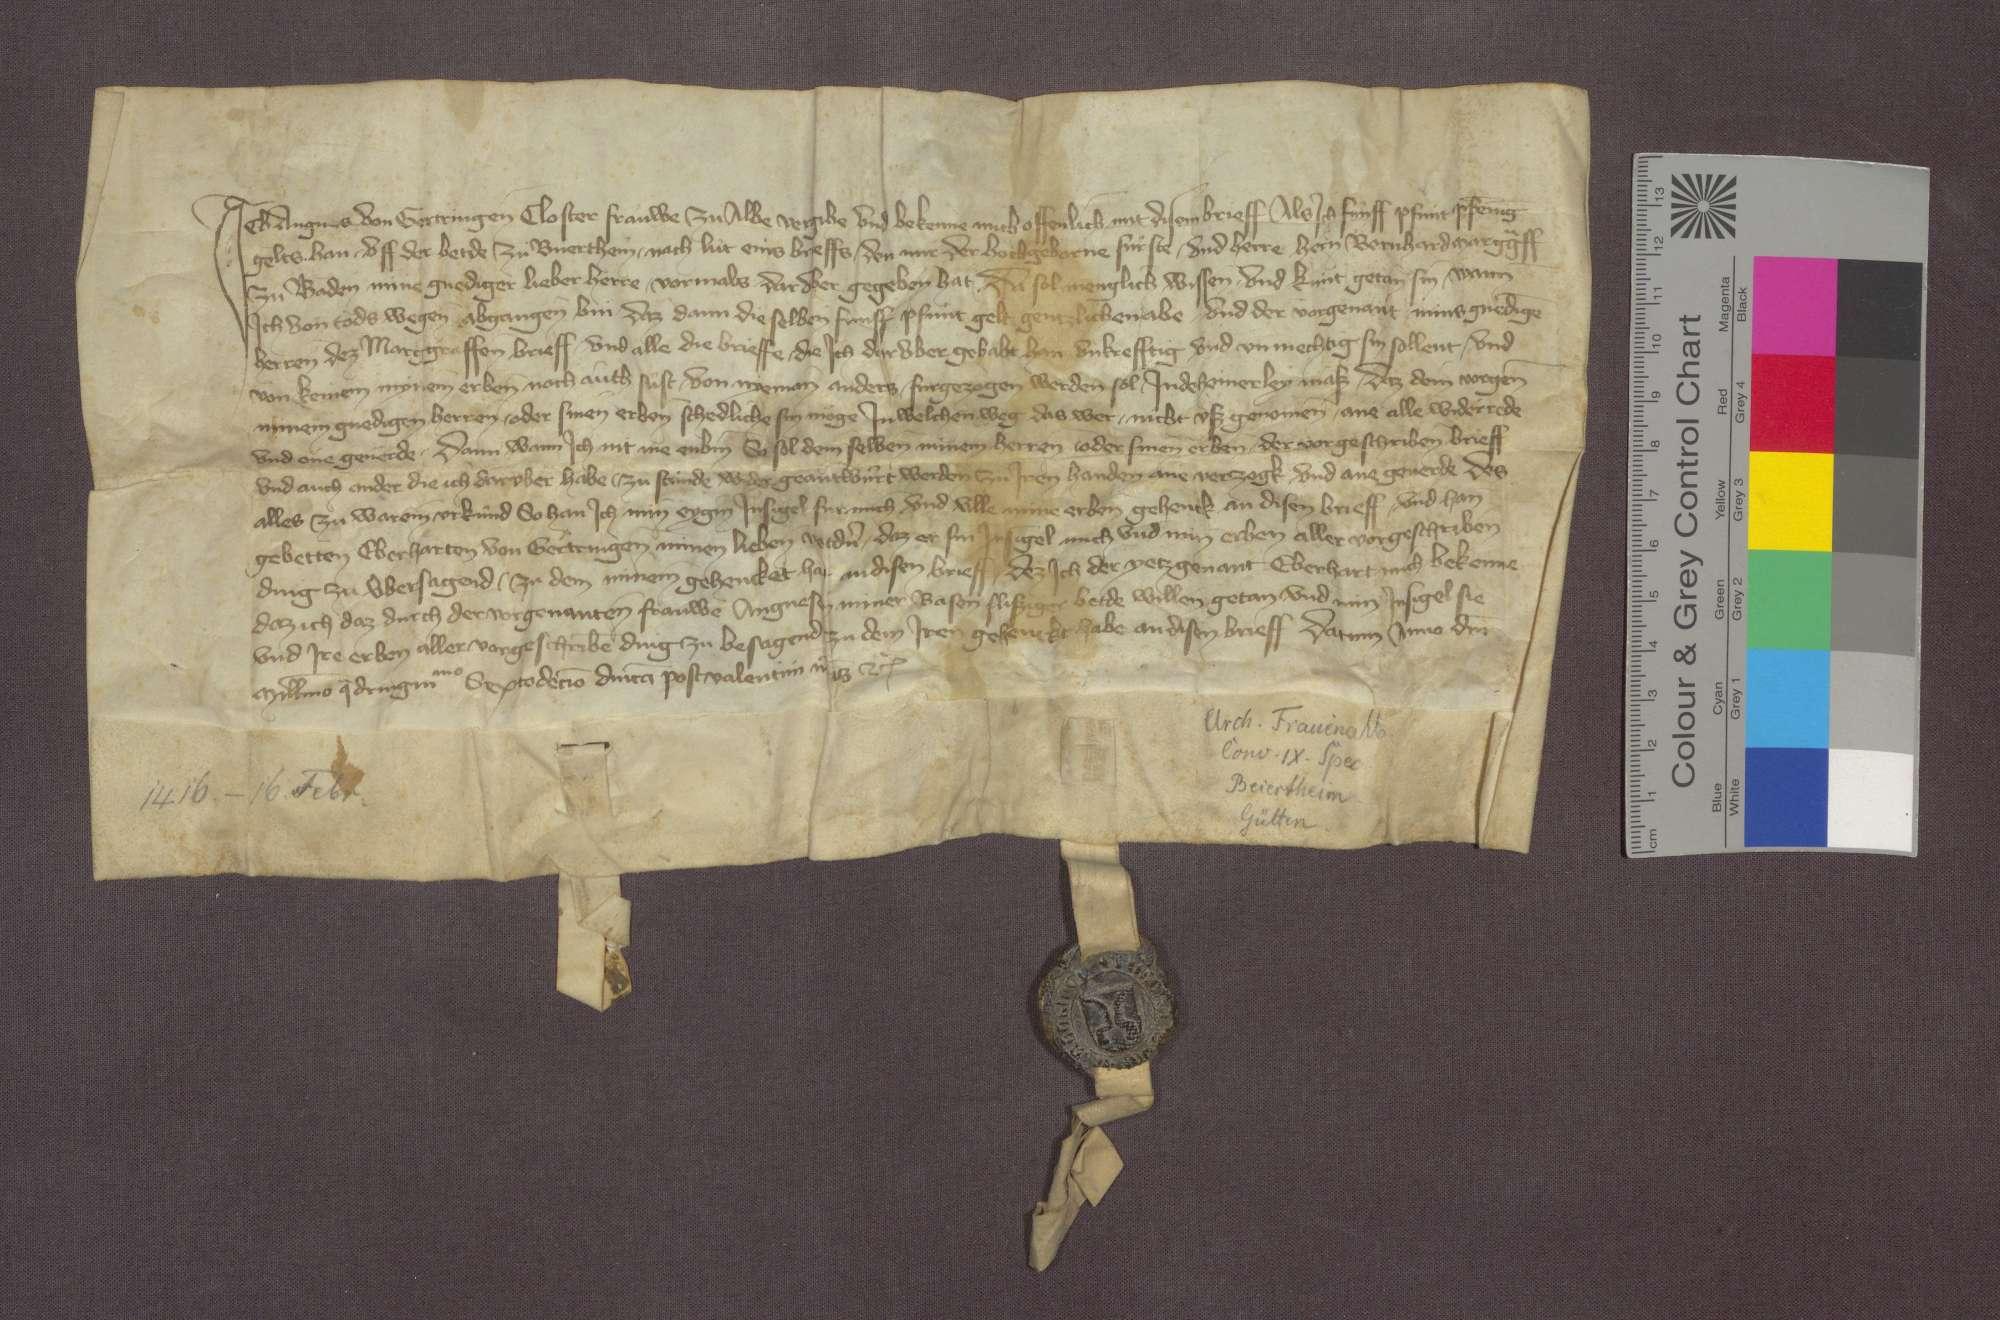 Agnes von Gärtringen, Klosterfrau zu Frauenalb, reversiert gegenüber Markgraf Bernhard von Baden, dass die ihr von diesem auf der Bede zu Beiertheim versicherten 5 Pfund Heller jährlicher Gült nach ihrem Tod nicht weiter zu bezahlen sind und ihre Erben die diesbezüglichen Briefe zurückgeben sollen., Bild 3